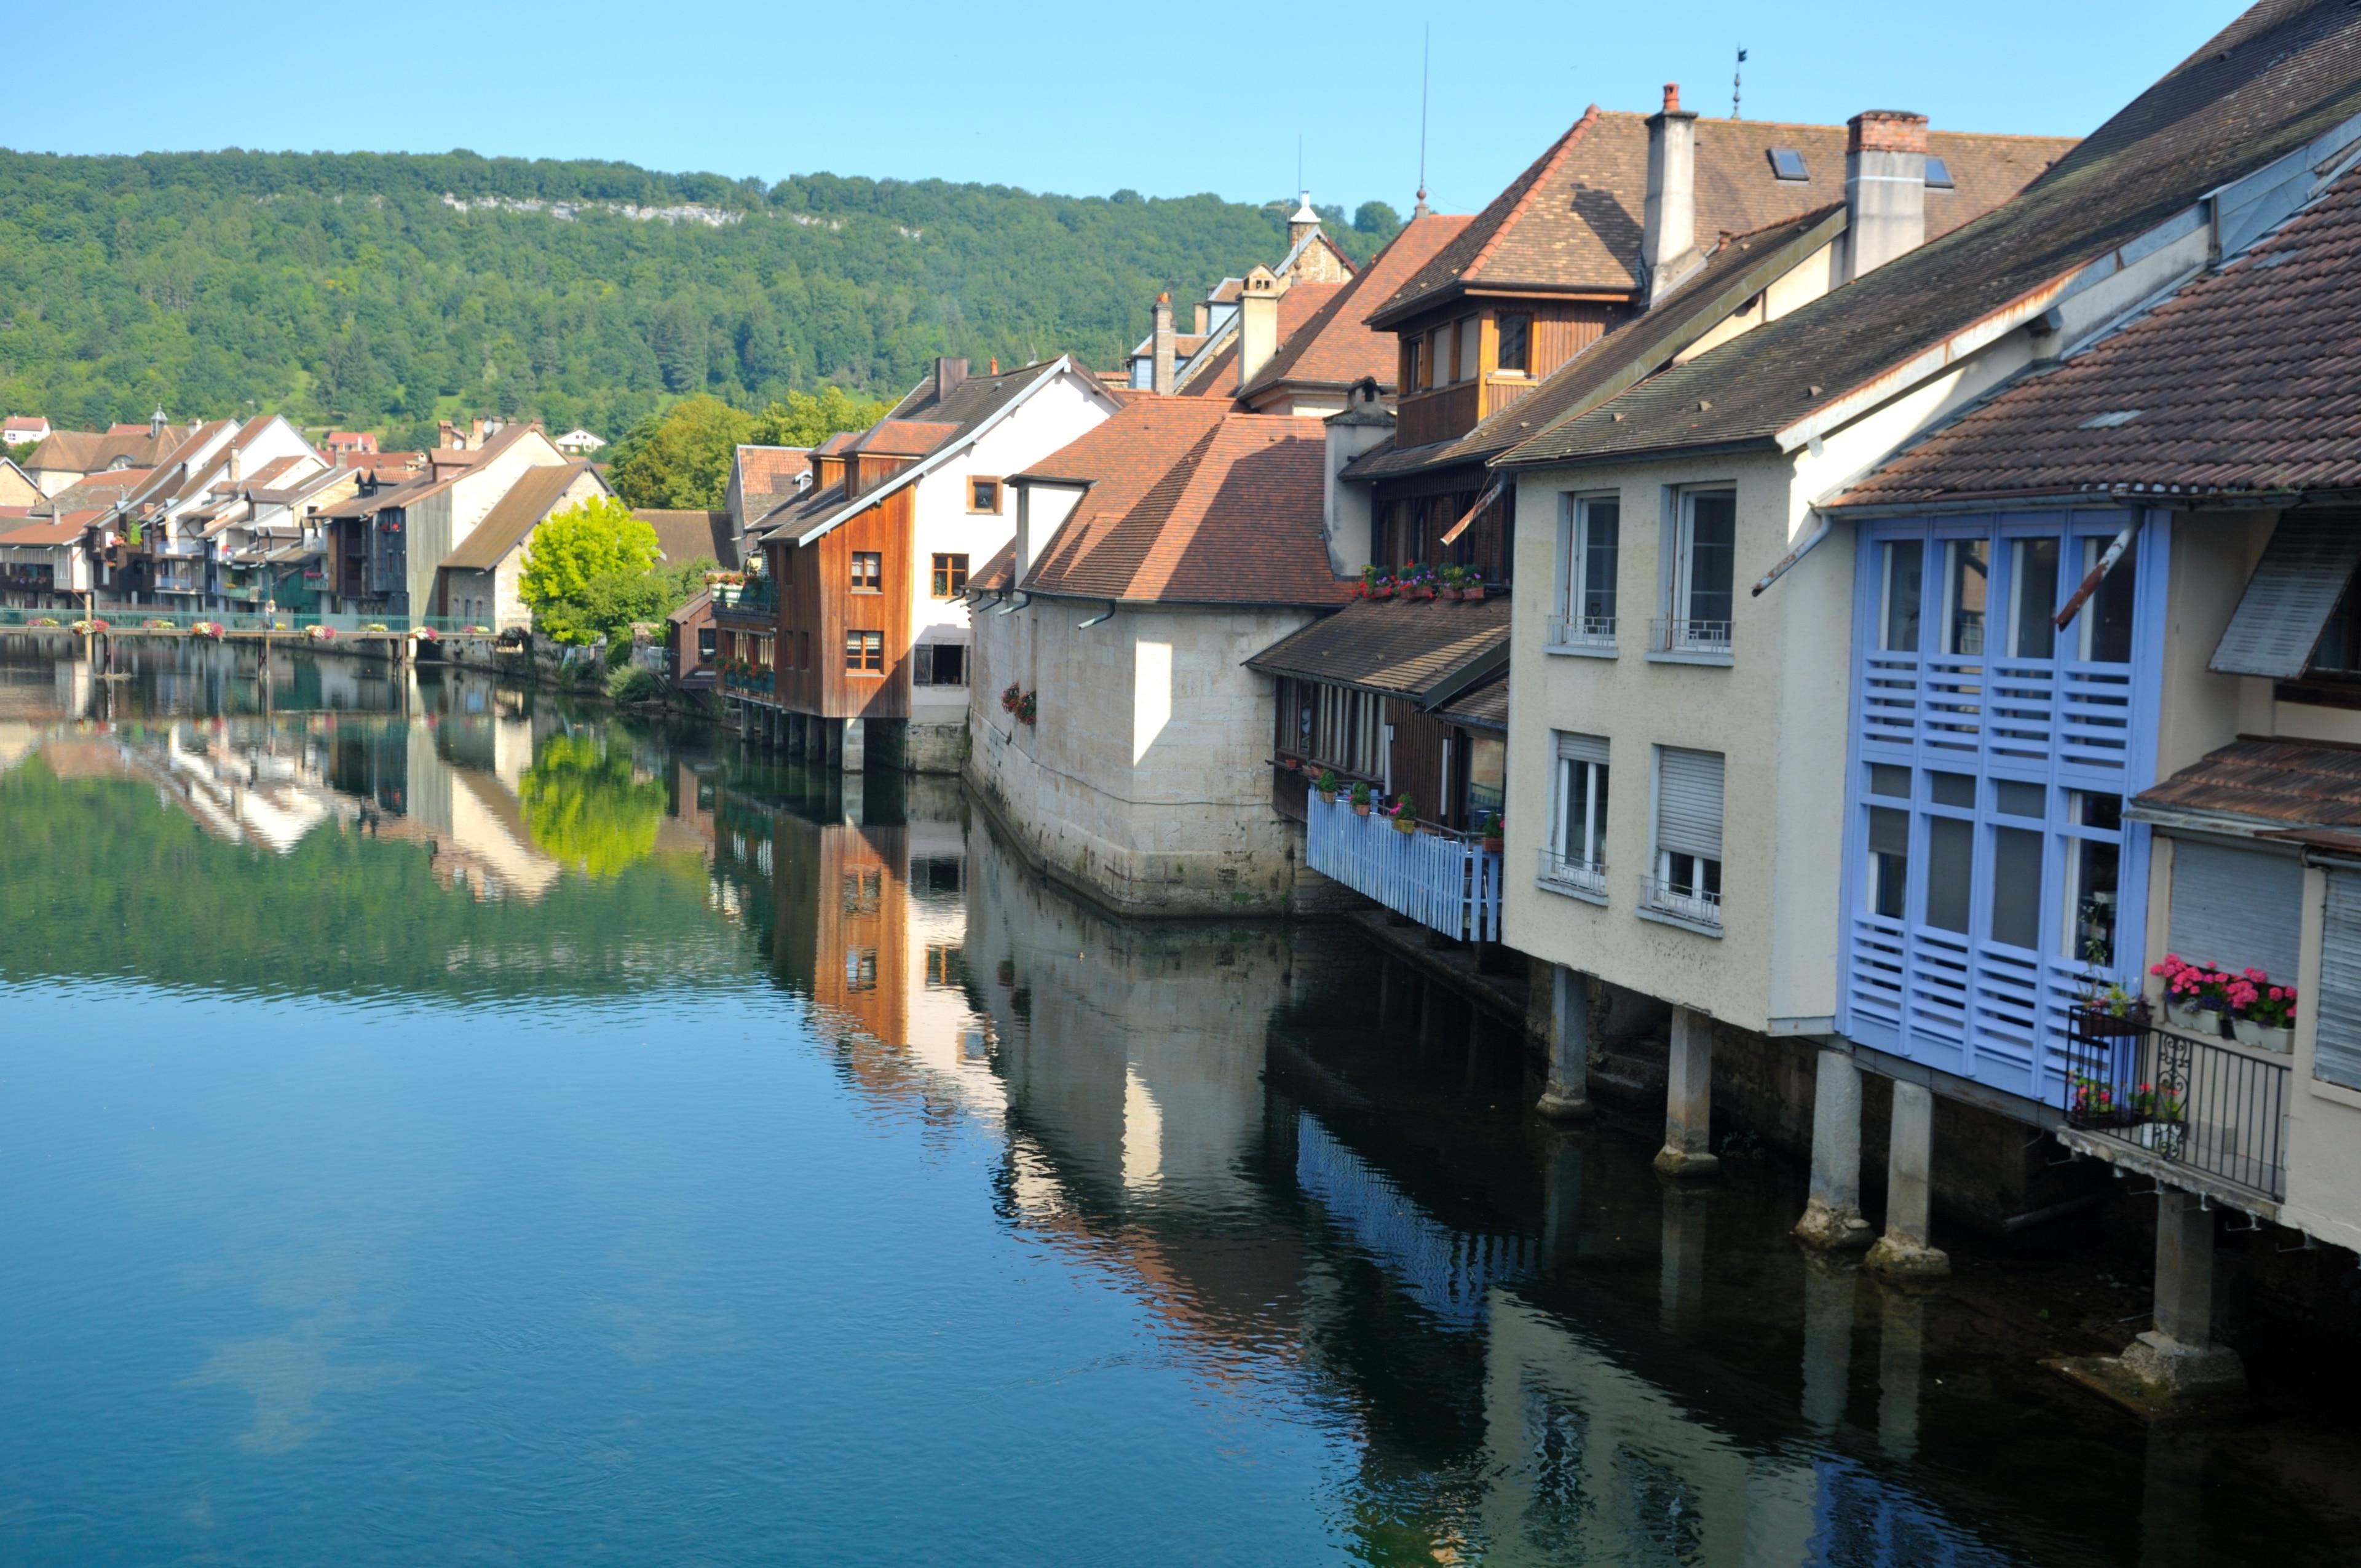 Loue, Département Sarthe, Frankreich